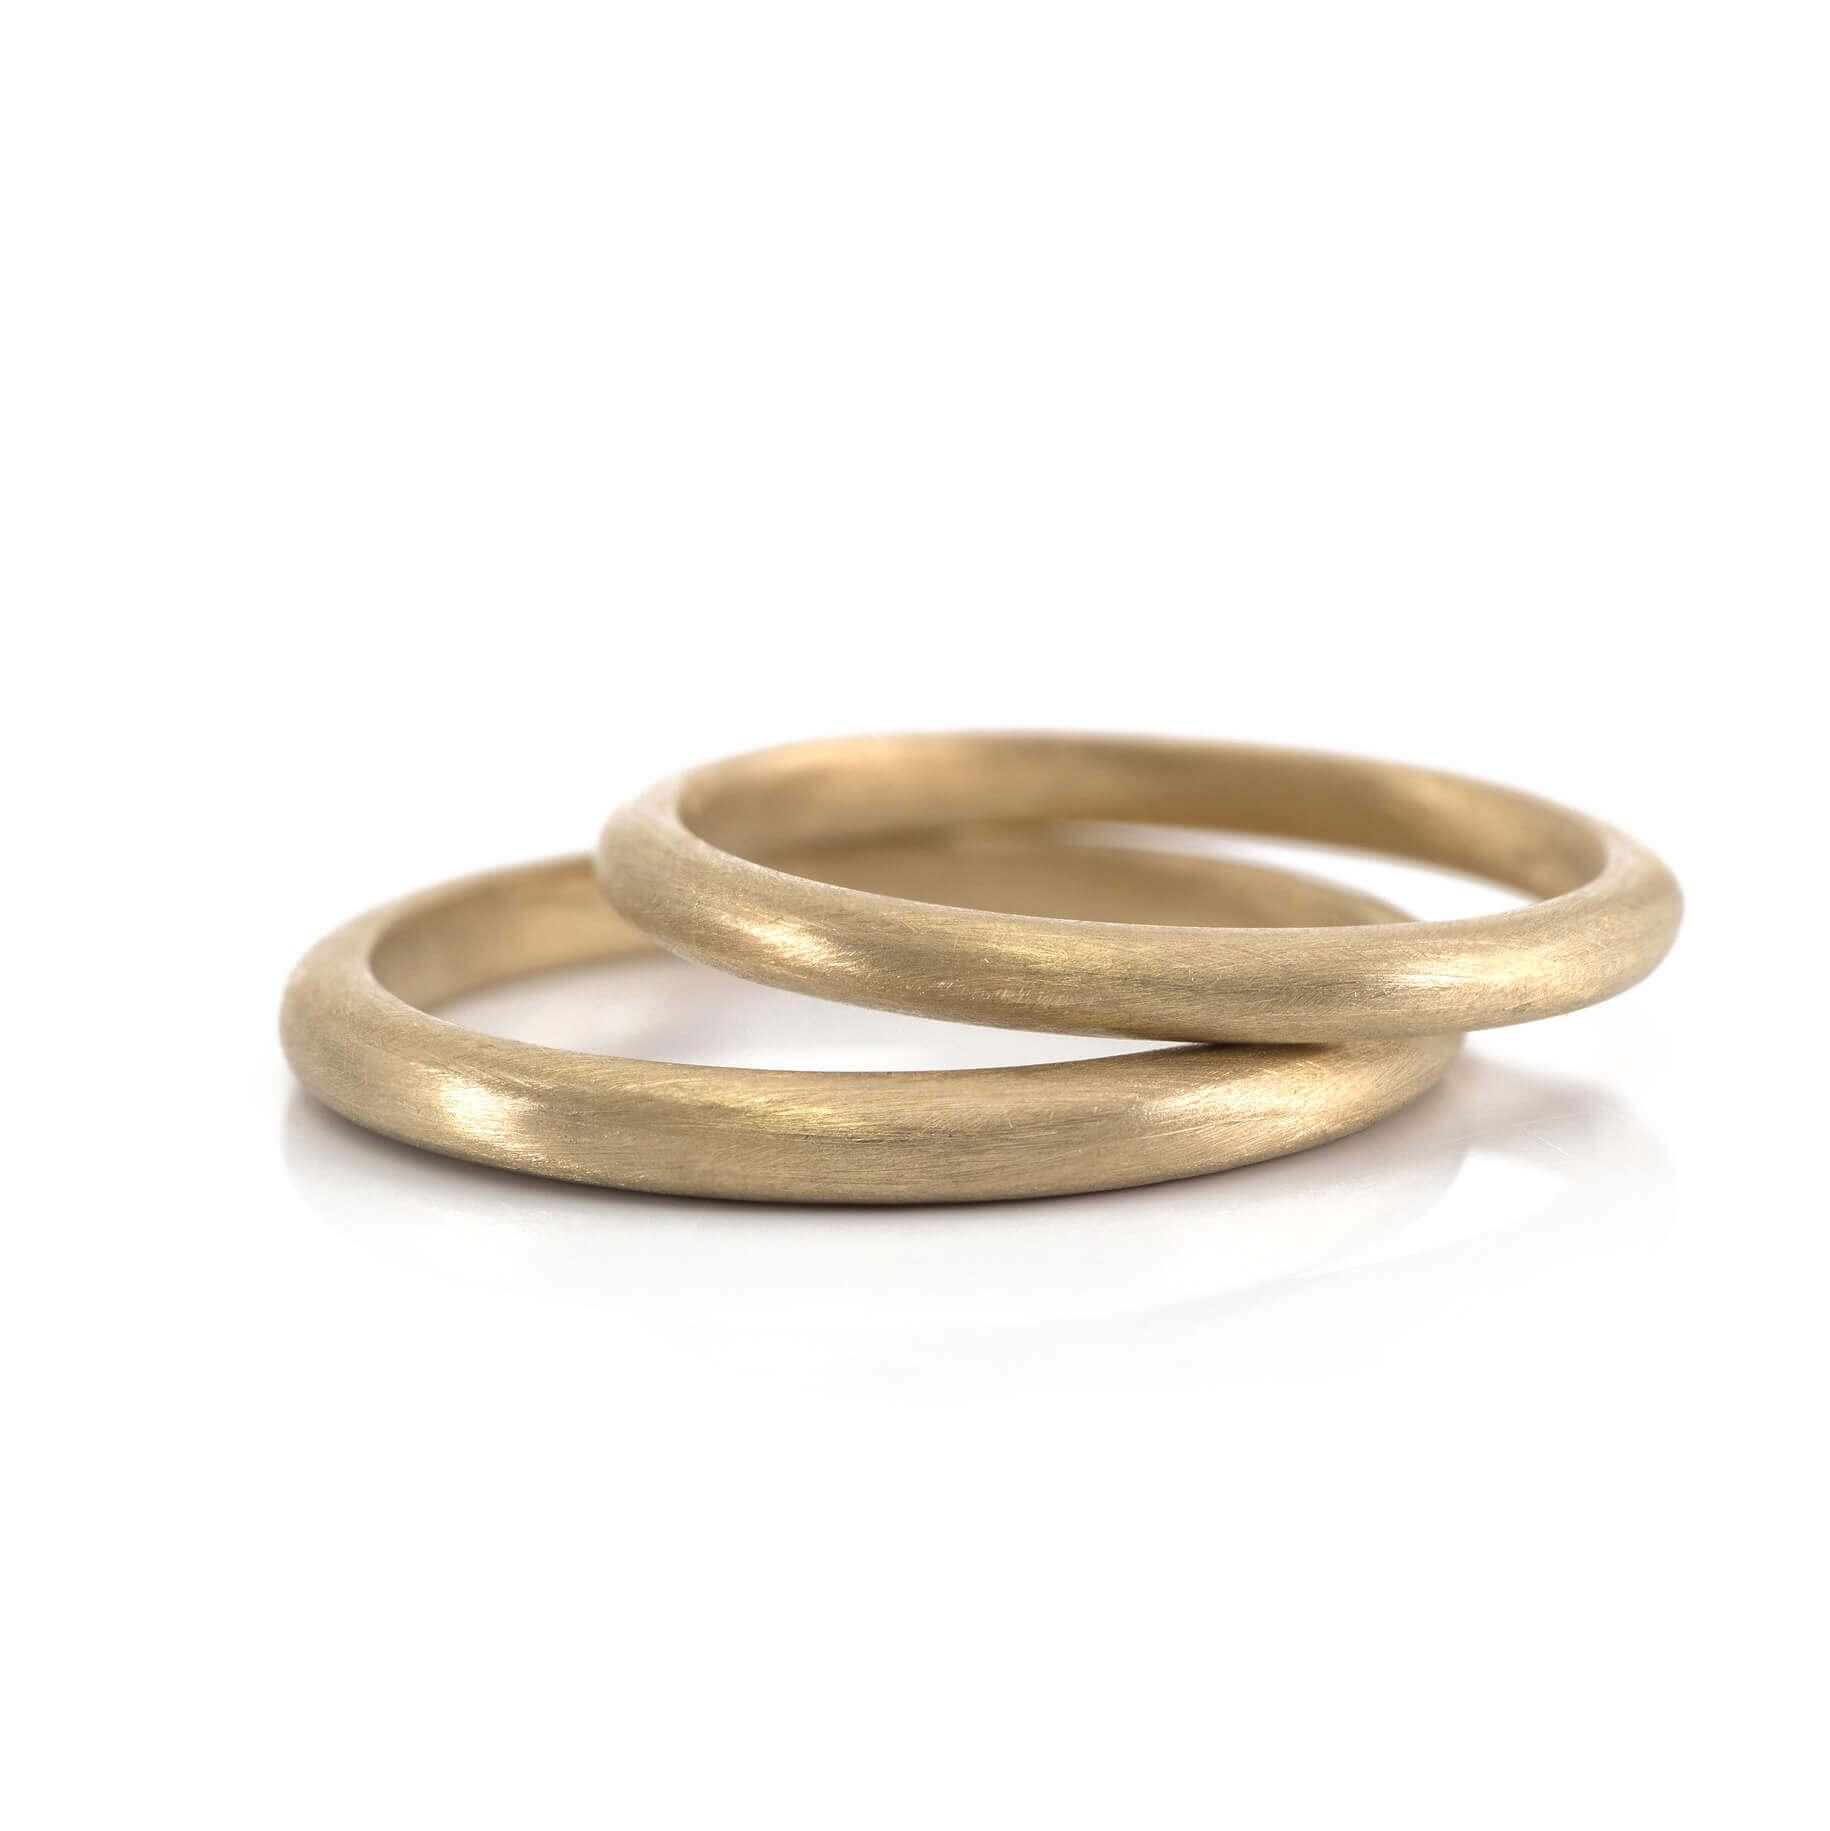 オーダーメイドマリッジリング ゴールド  屋久島の木肌の感触  屋久島で作る結婚指輪